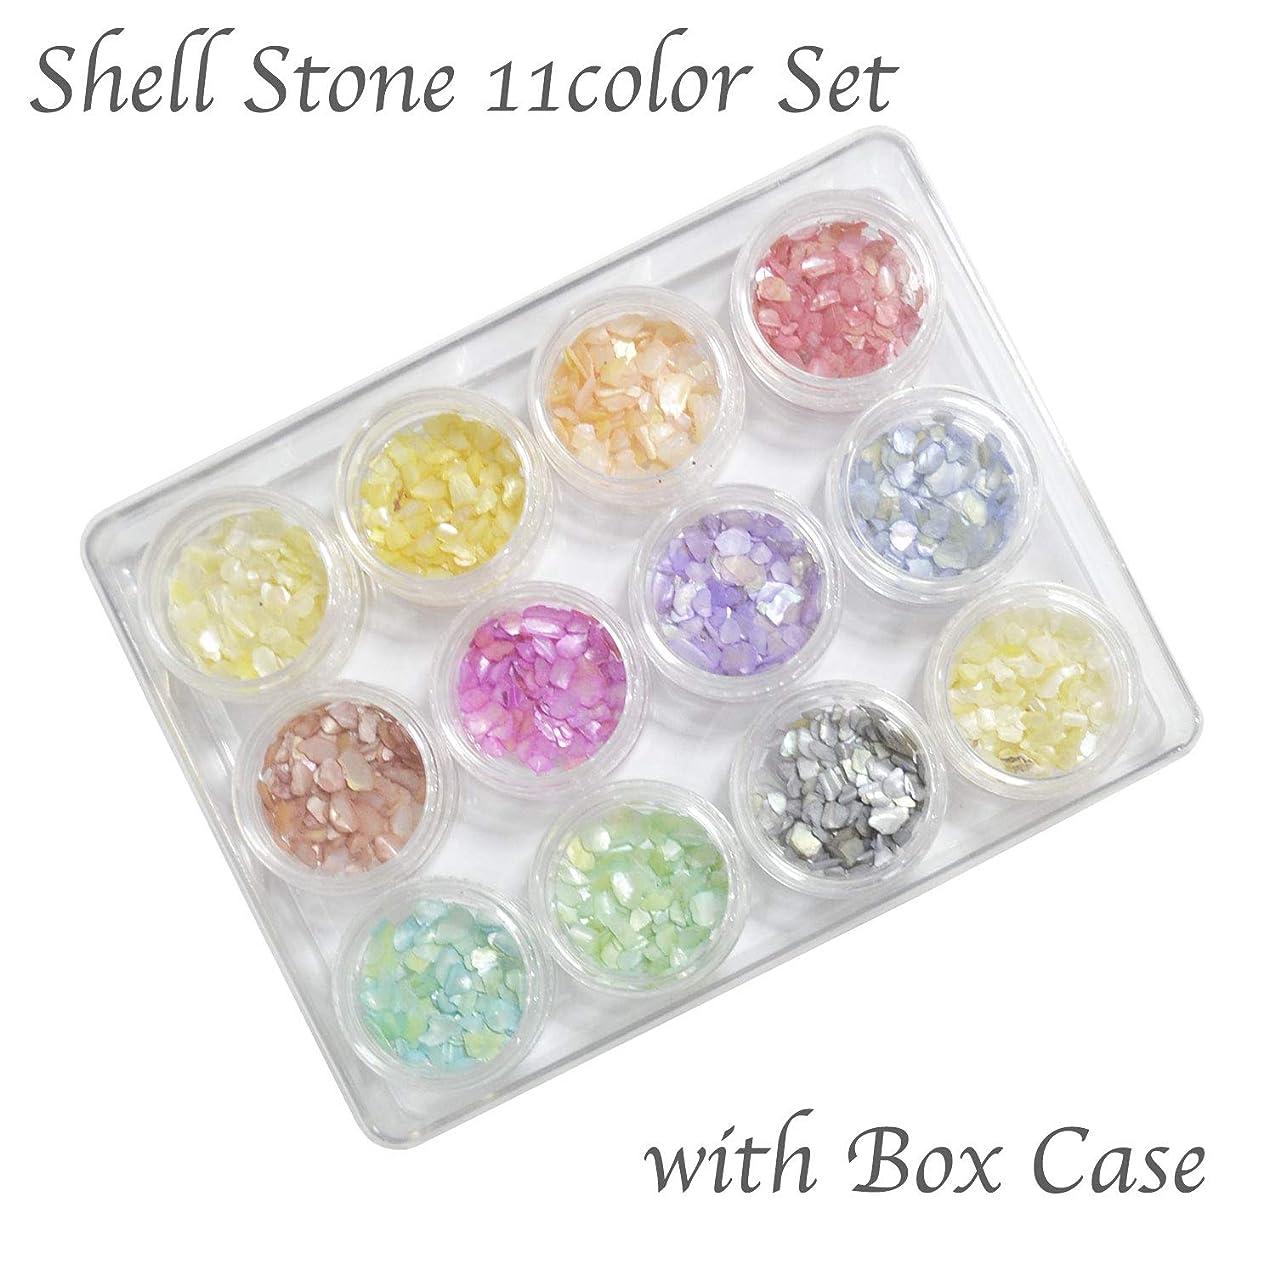 発表する不一致教シェルストーン 11色セット スクエアボックスケース入り /11color+アイボリーのみ丸ケース2個